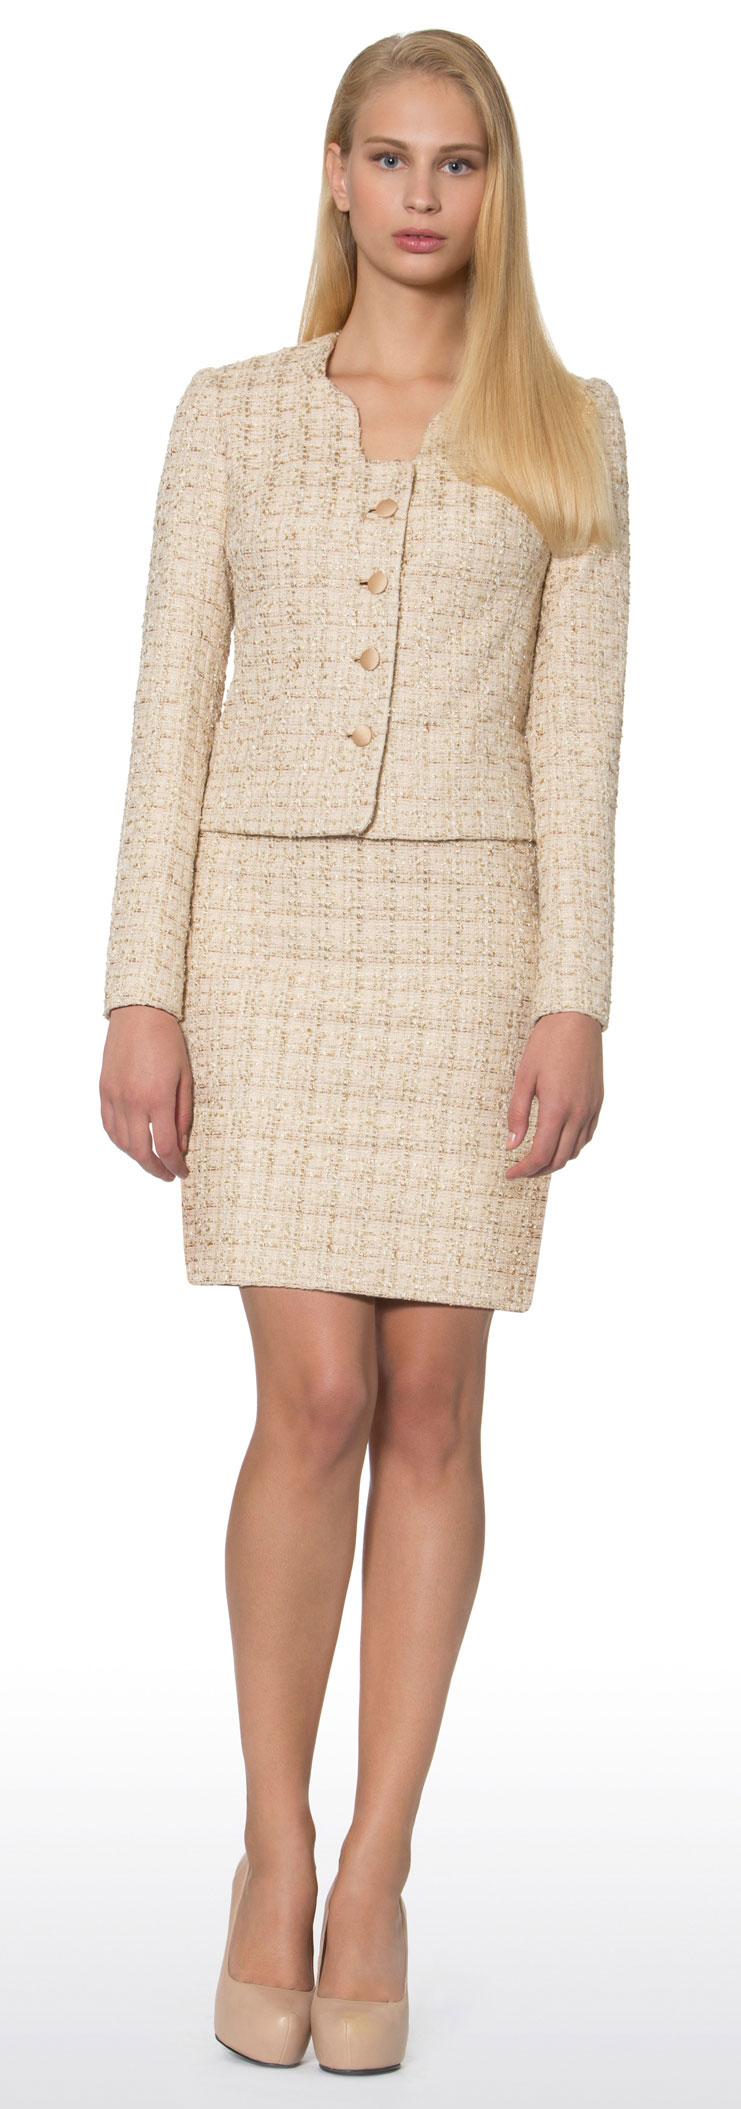 Z-Form-Uniform-Kelsy-Zimba-Jacket-WJ7-Skirt-WS4.jpg